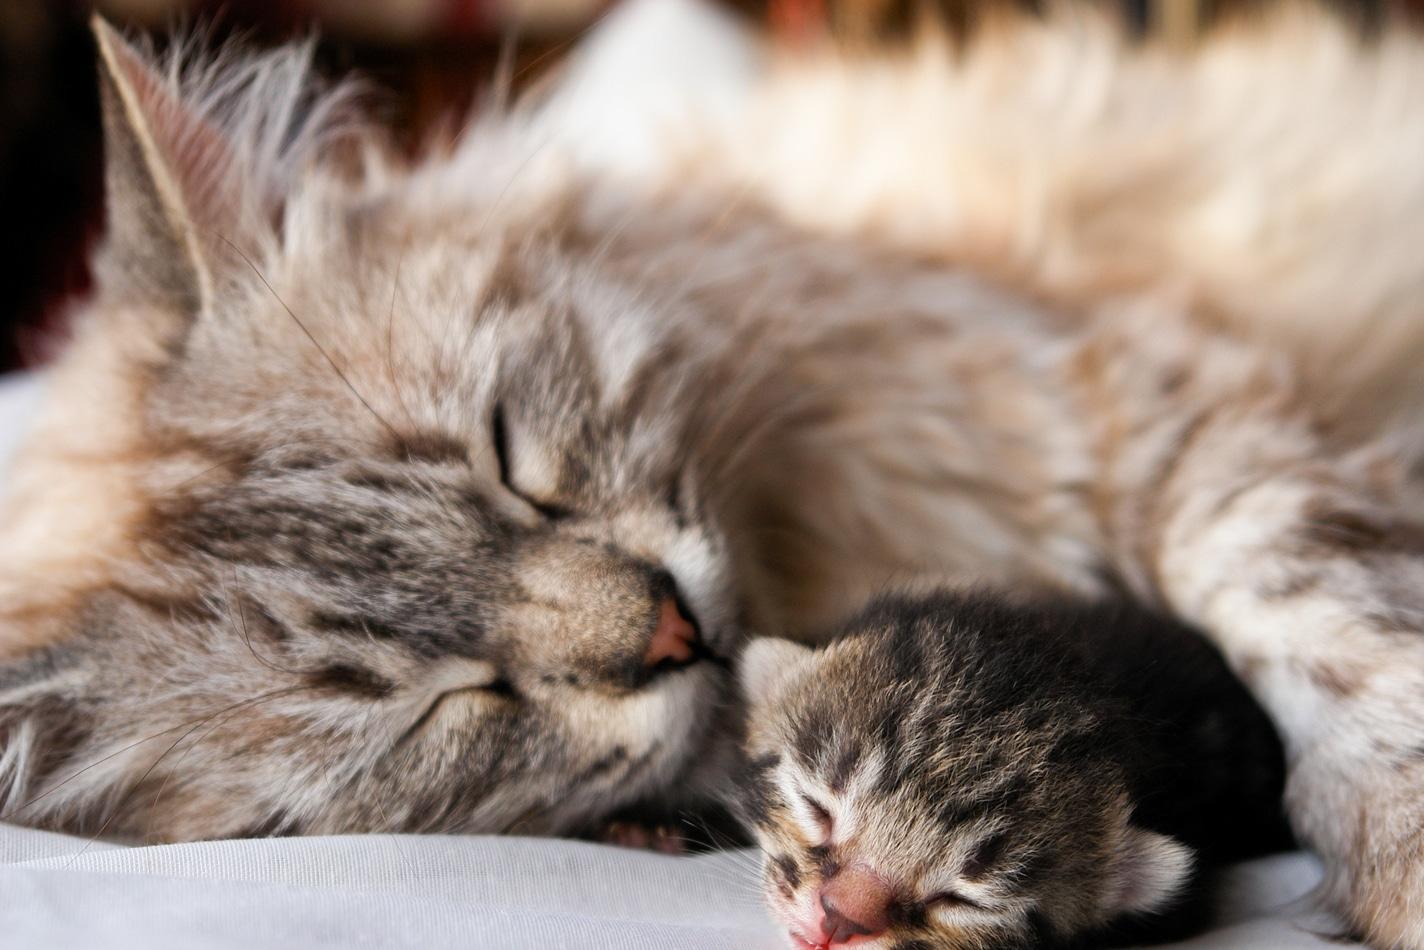 La mamá gata es muy buena con sus crías